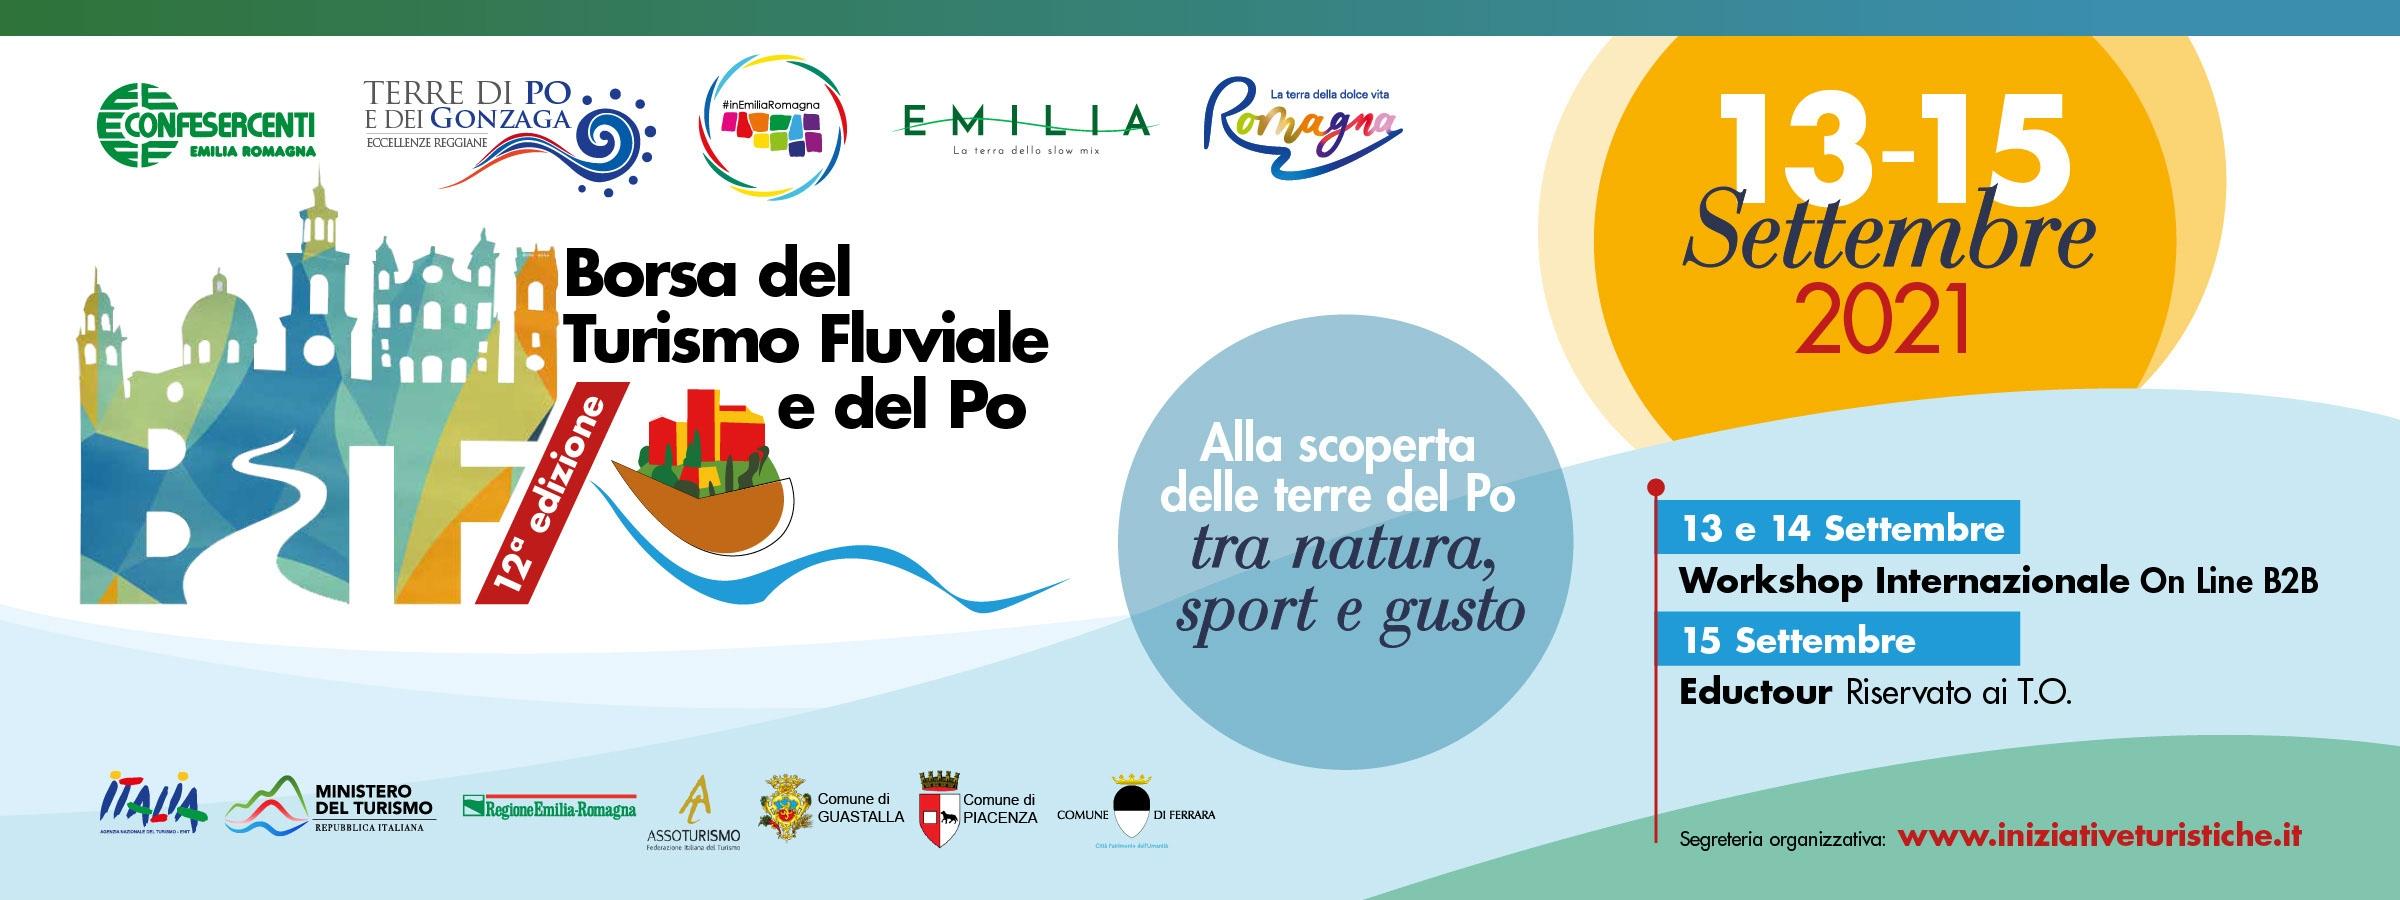 Emilia Romagna: dal 13 al 15 settembre 12ª Borsa del Turismo Fluviale e del Po